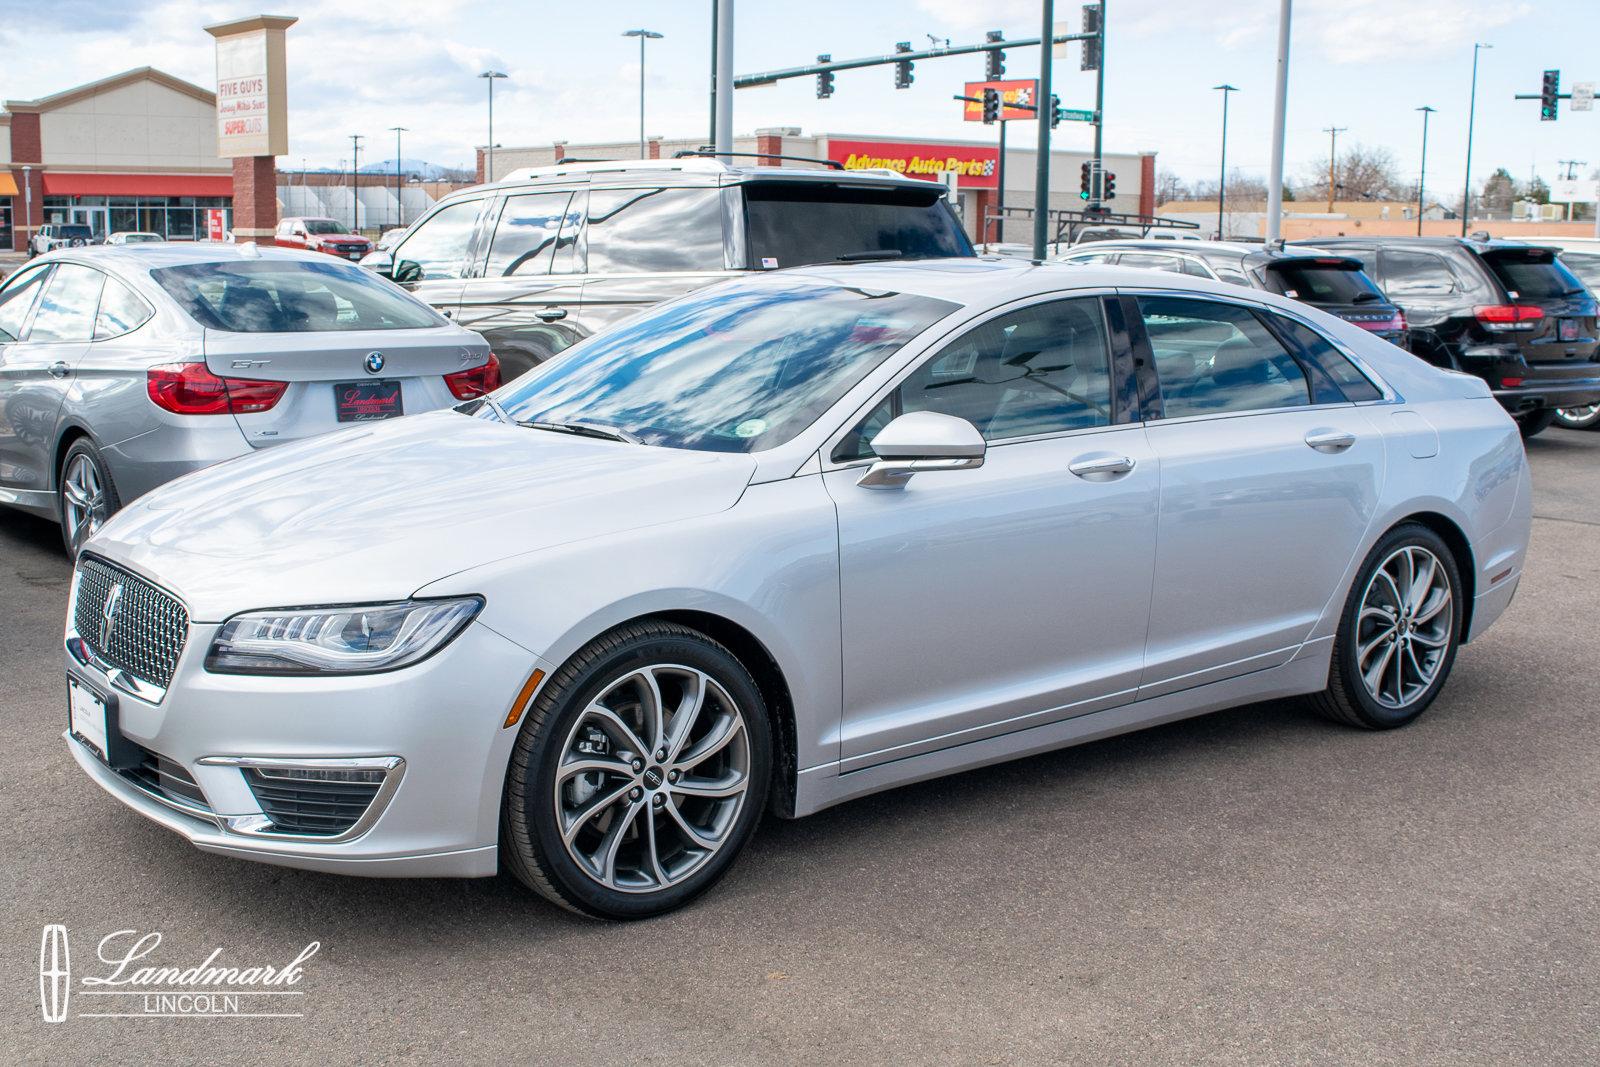 2019 Lincoln MKZ Select AWD image